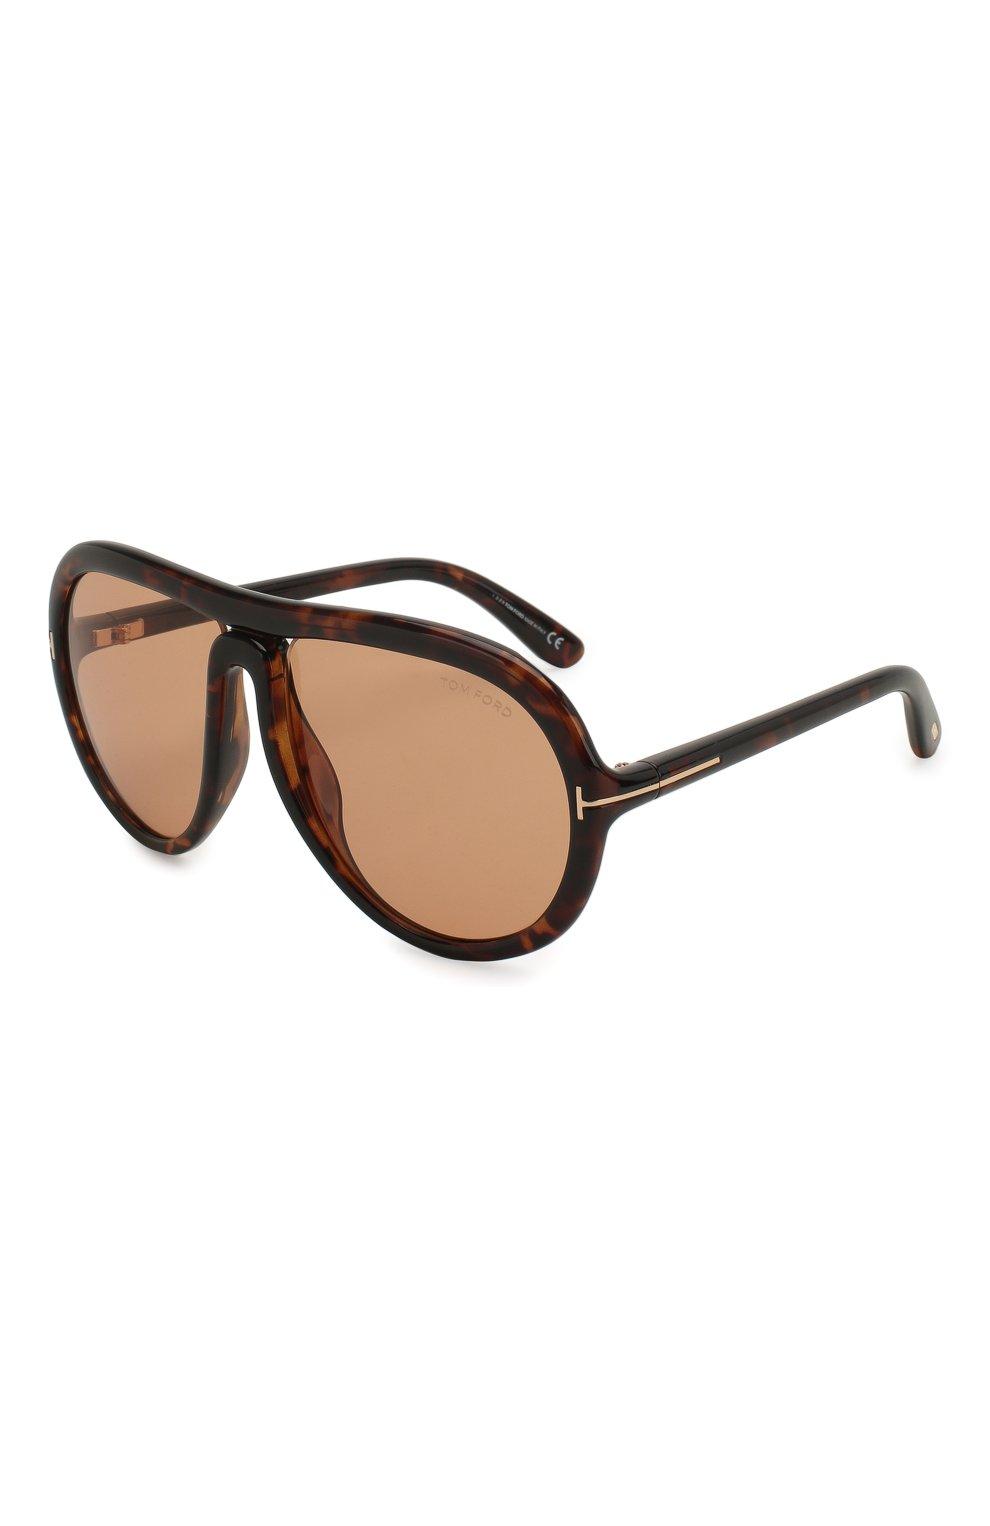 Мужские солнцезащитные очки TOM FORD коричневого цвета, арт. TF768 | Фото 1